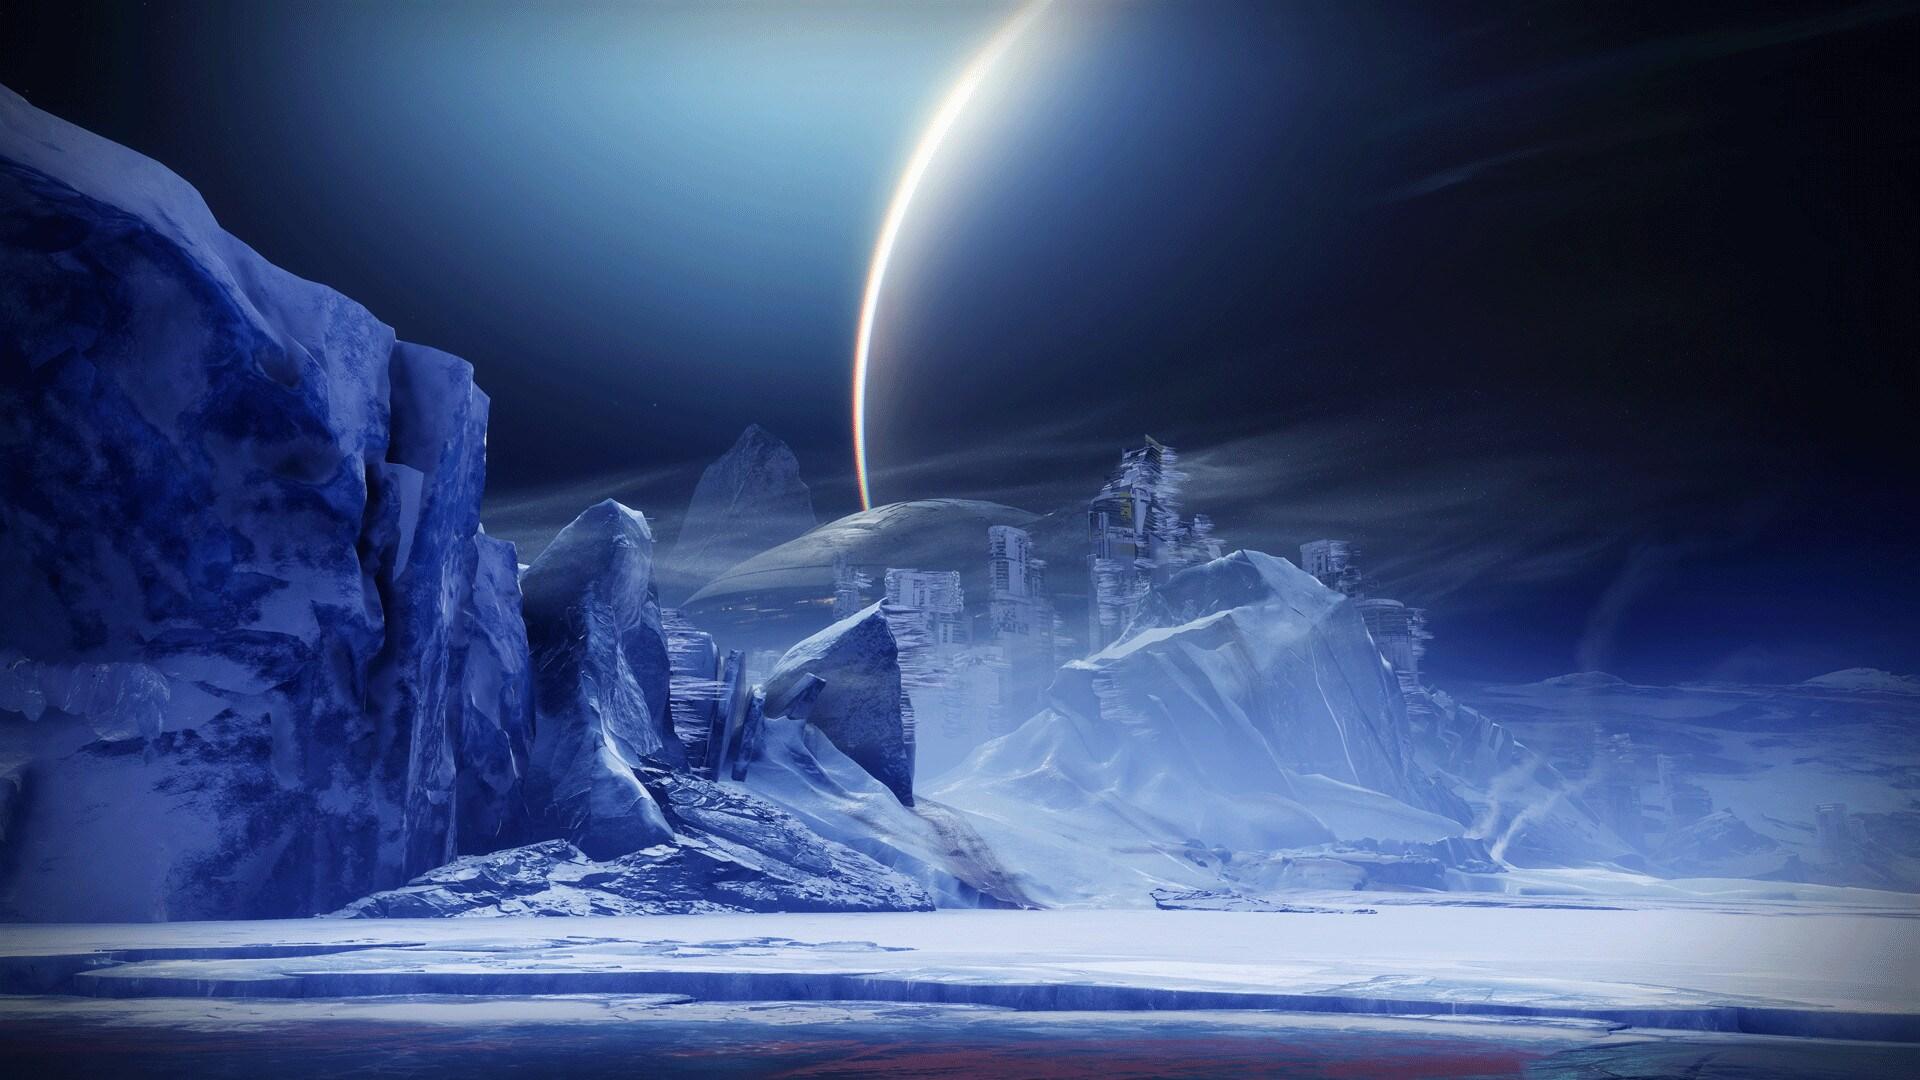 Destiny 2: Beyond Light (PC) - Steam Key - RU/CIS - 3